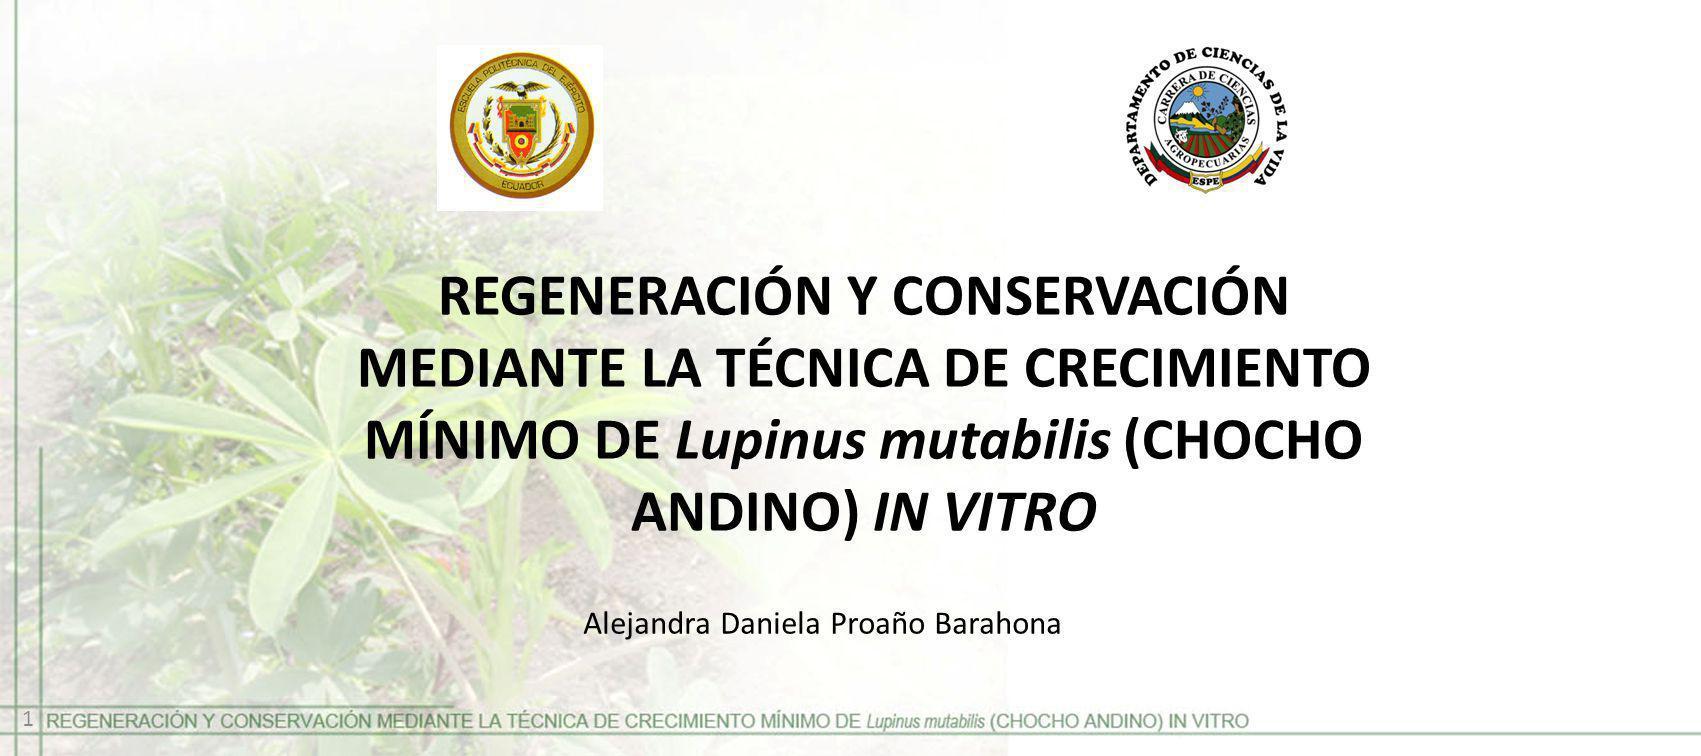 REGENERACIÓN Y CONSERVACIÓN MEDIANTE LA TÉCNICA DE CRECIMIENTO MÍNIMO DE Lupinus mutabilis (CHOCHO ANDINO) IN VITRO Alejandra Daniela Proaño Barahona